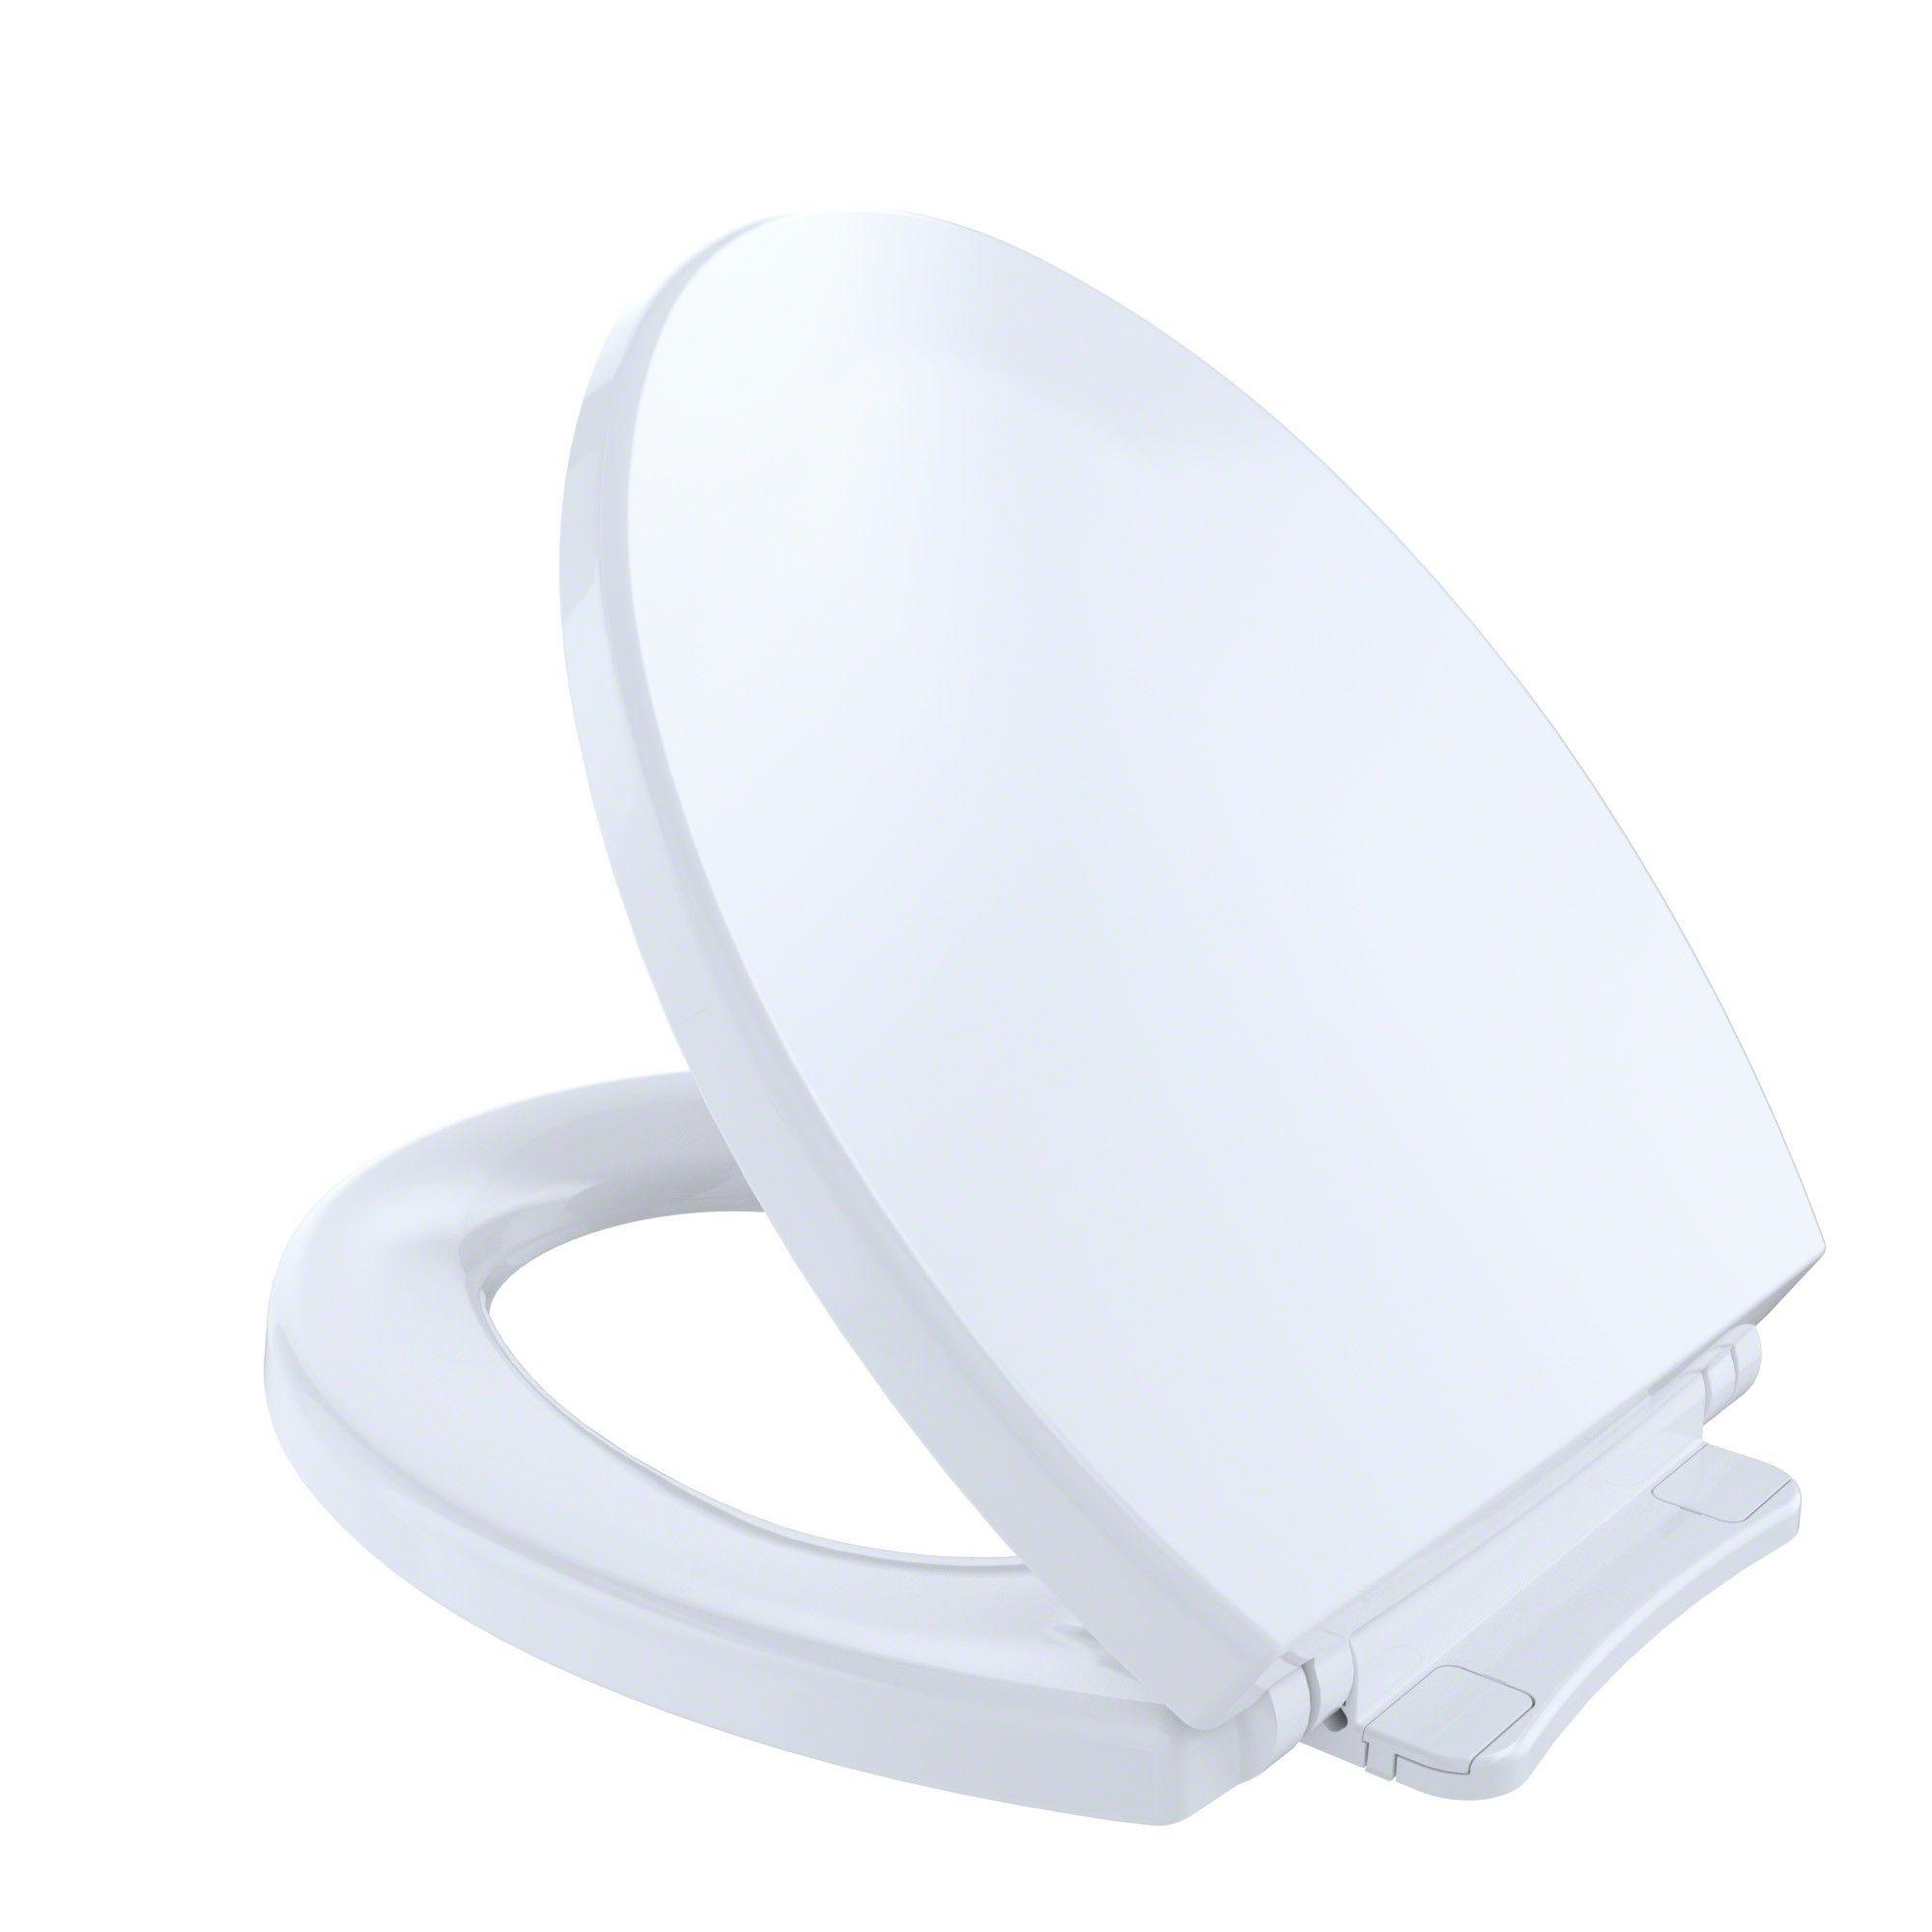 Toto Softclosenon Slamming Slow Close Round Toilet Seat And Lid Cotton White Ss113 01 Toilet Seat Plastic Hinges Toilet Design